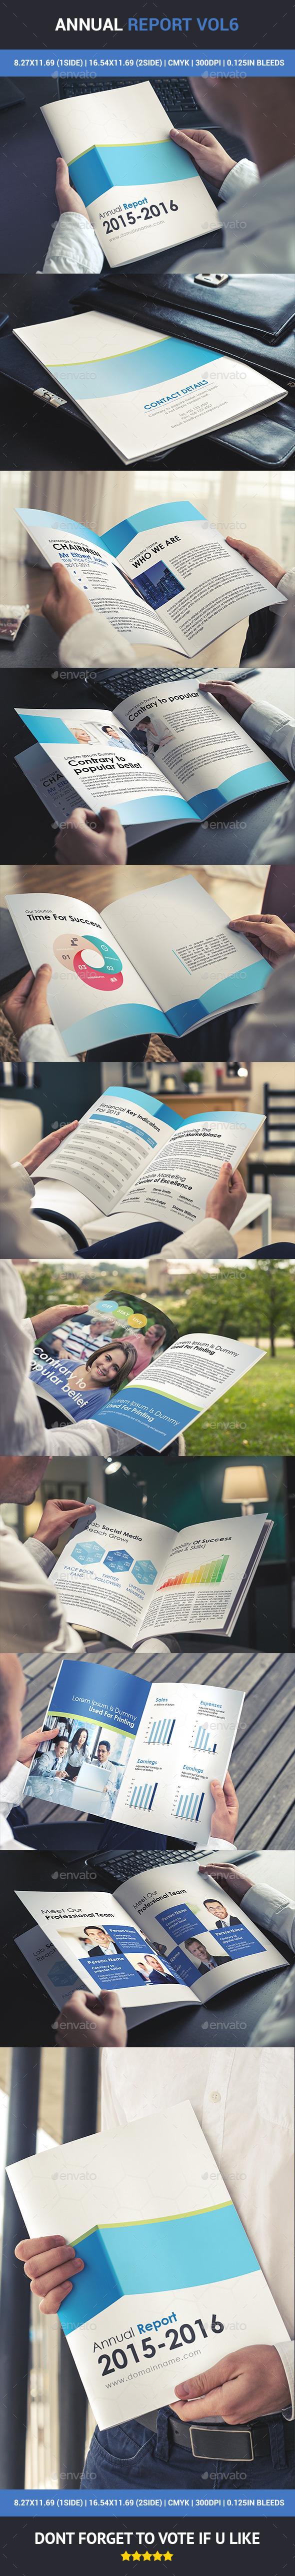 GraphicRiver Annual Report Catalogue-Vol6 10866116